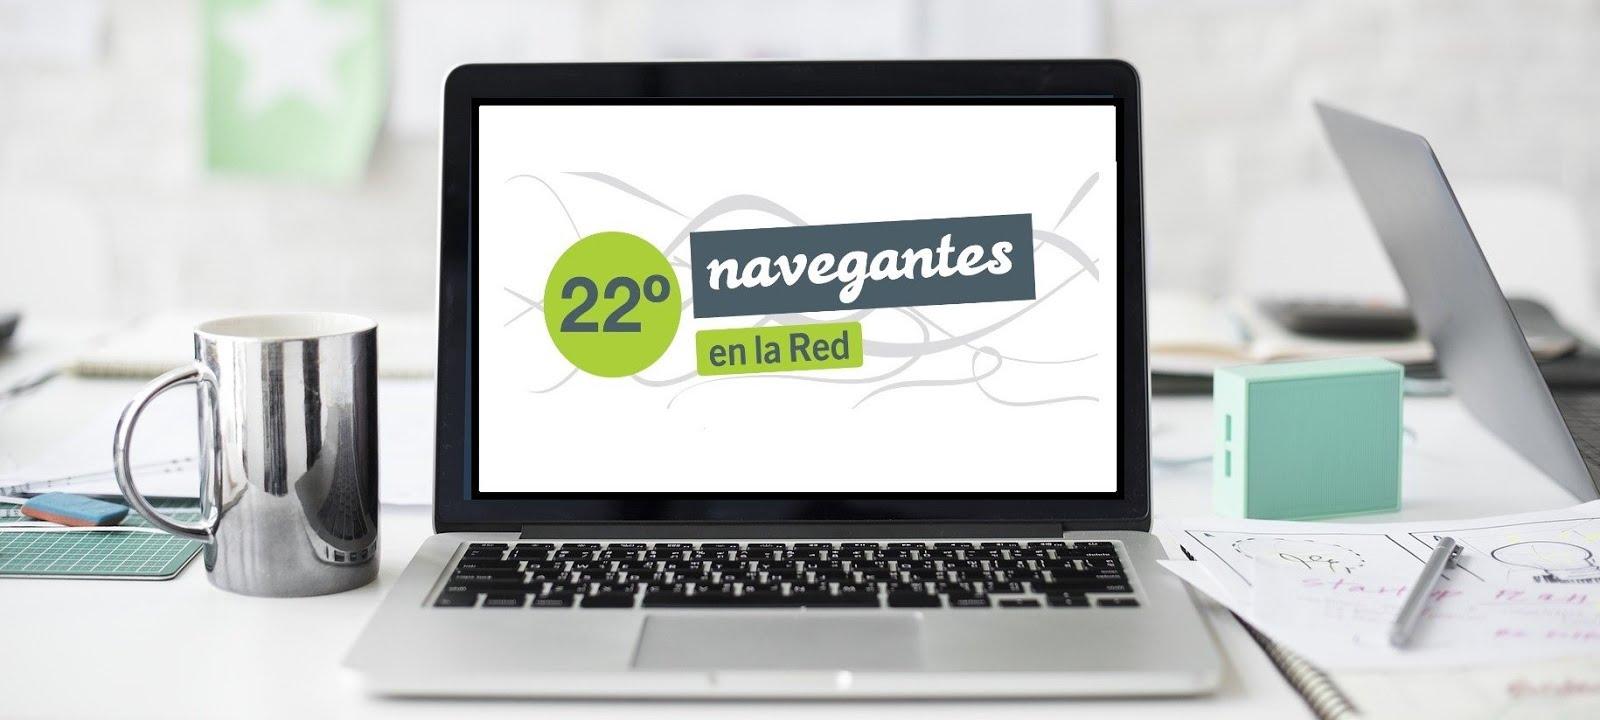 """PARTICIPA EN LA 22 """"NAVEGANTES EN LA RED"""""""